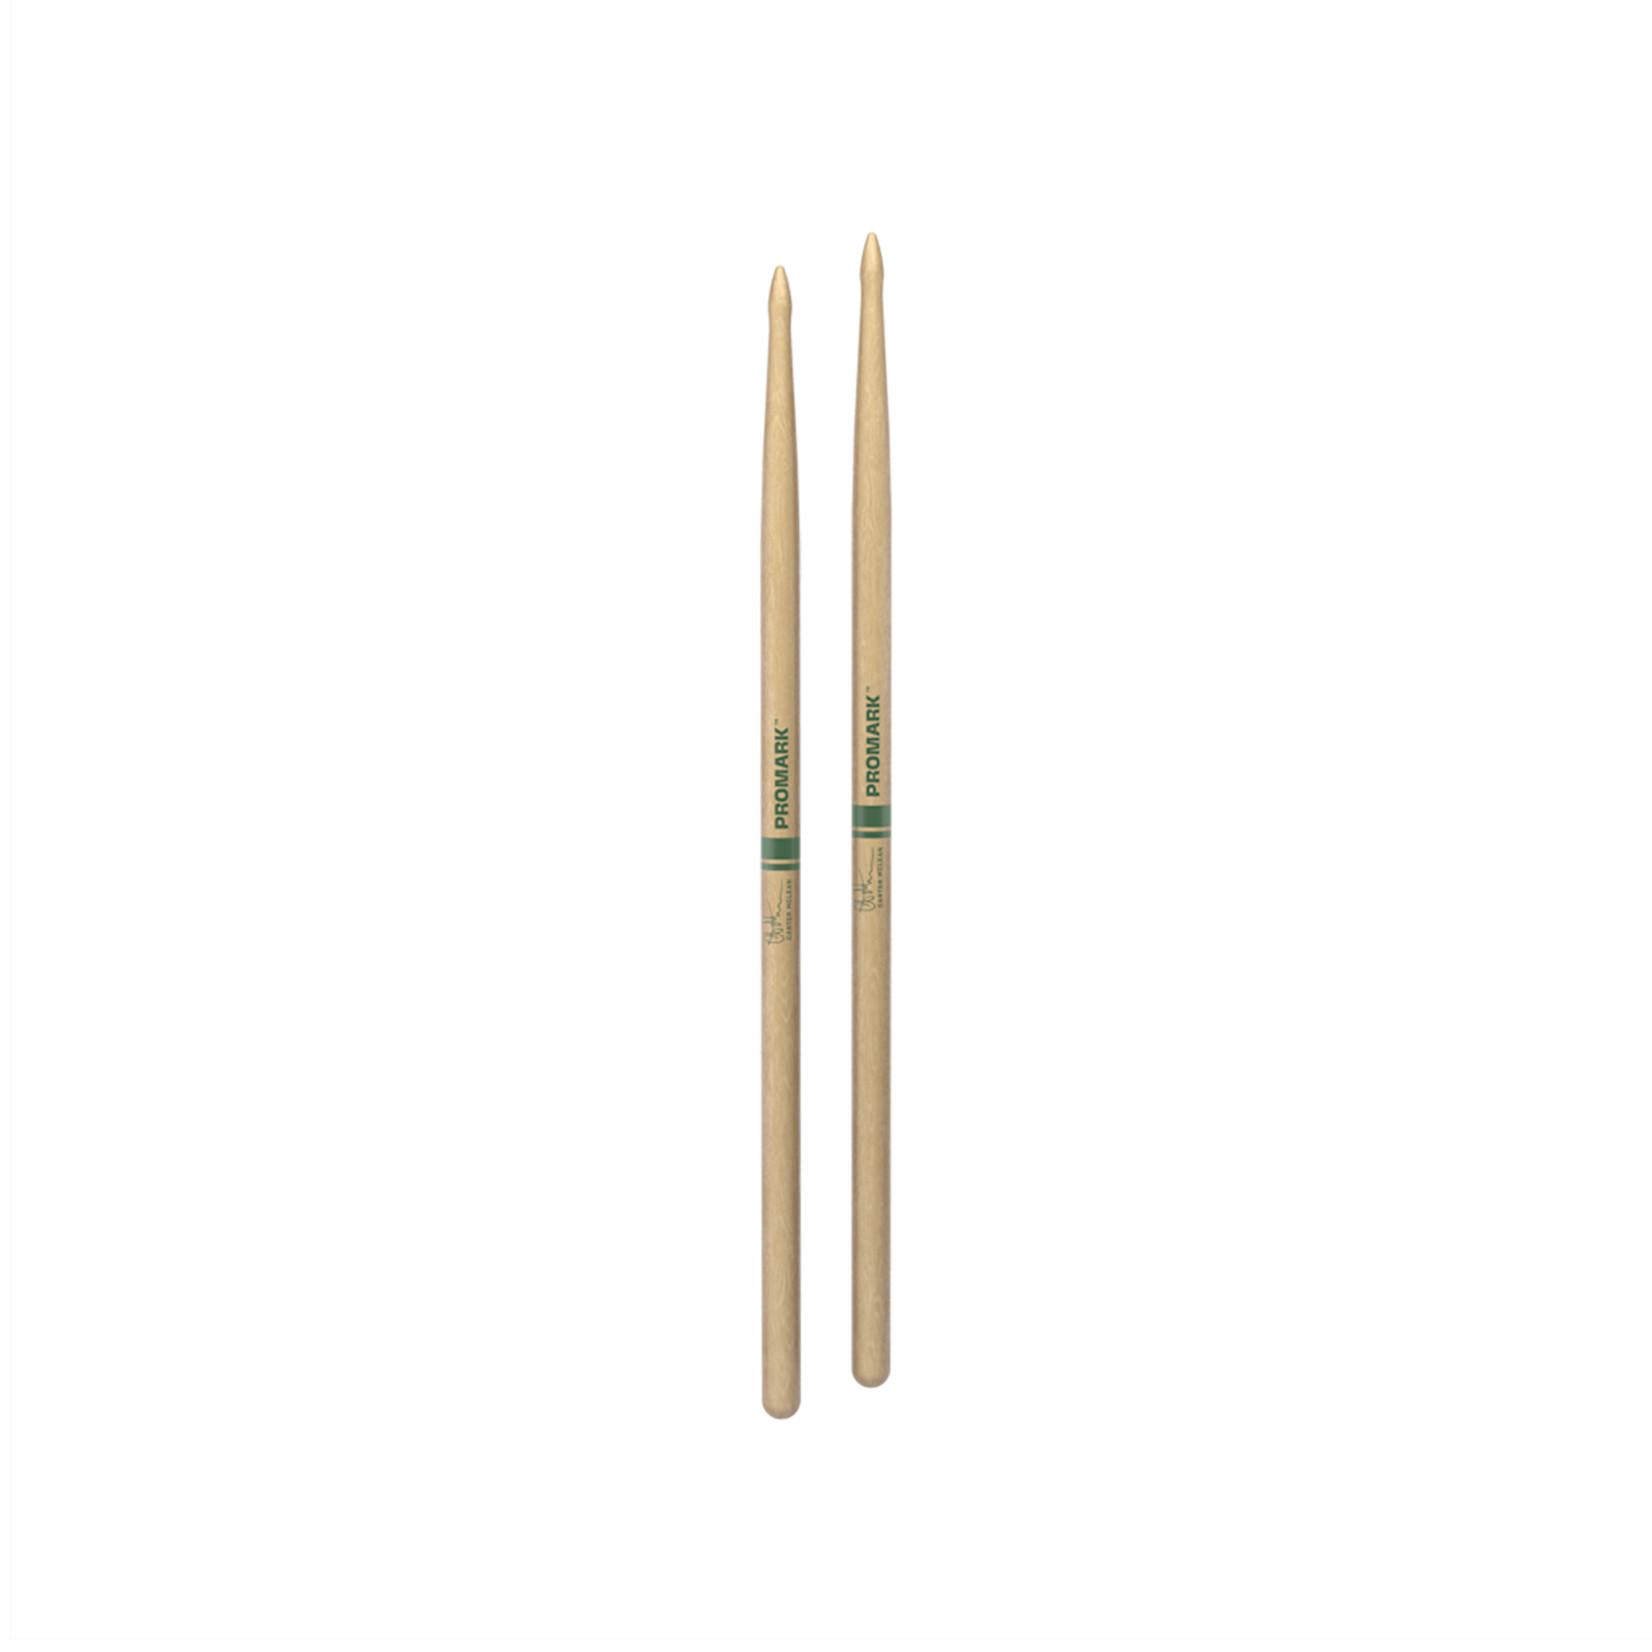 Promark Promark Carter Mclean Signature Stick